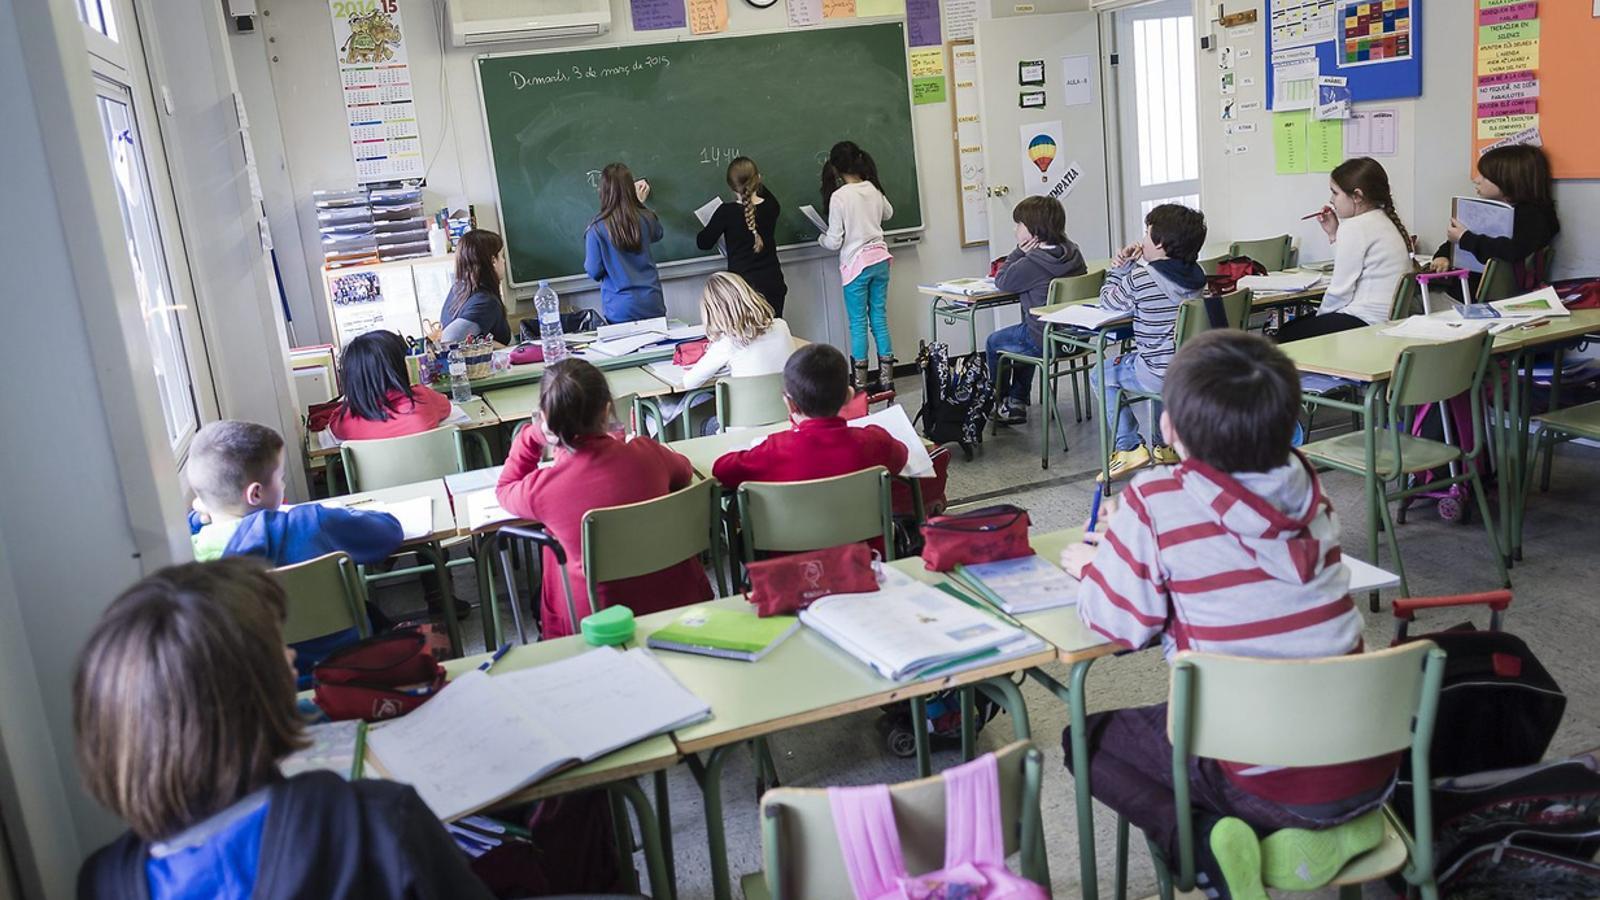 De la llei Wert a la llei Celaá: quins canvis educatius hi haurà?